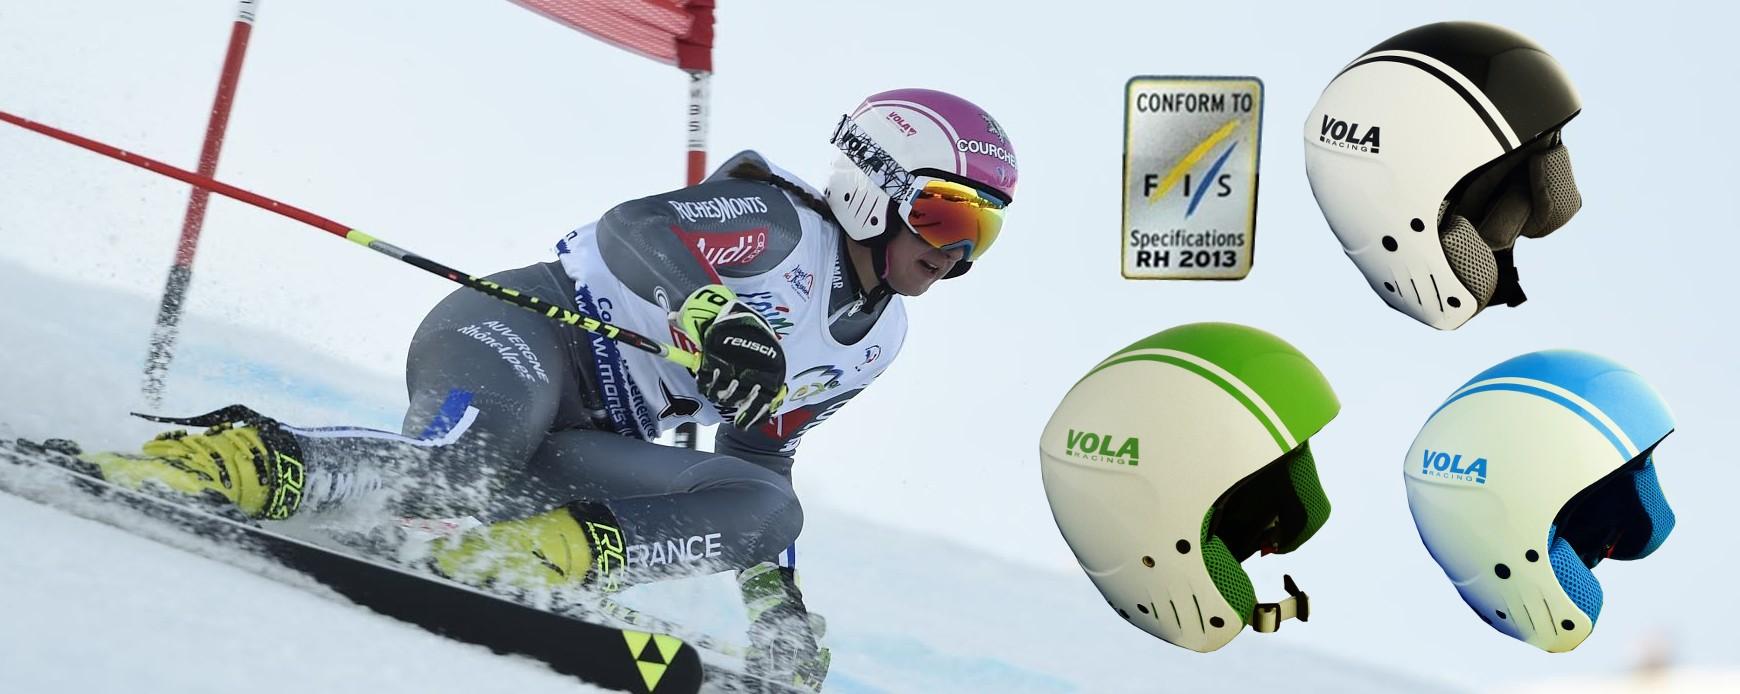 Casques de ski de compétition avec homologation FIS